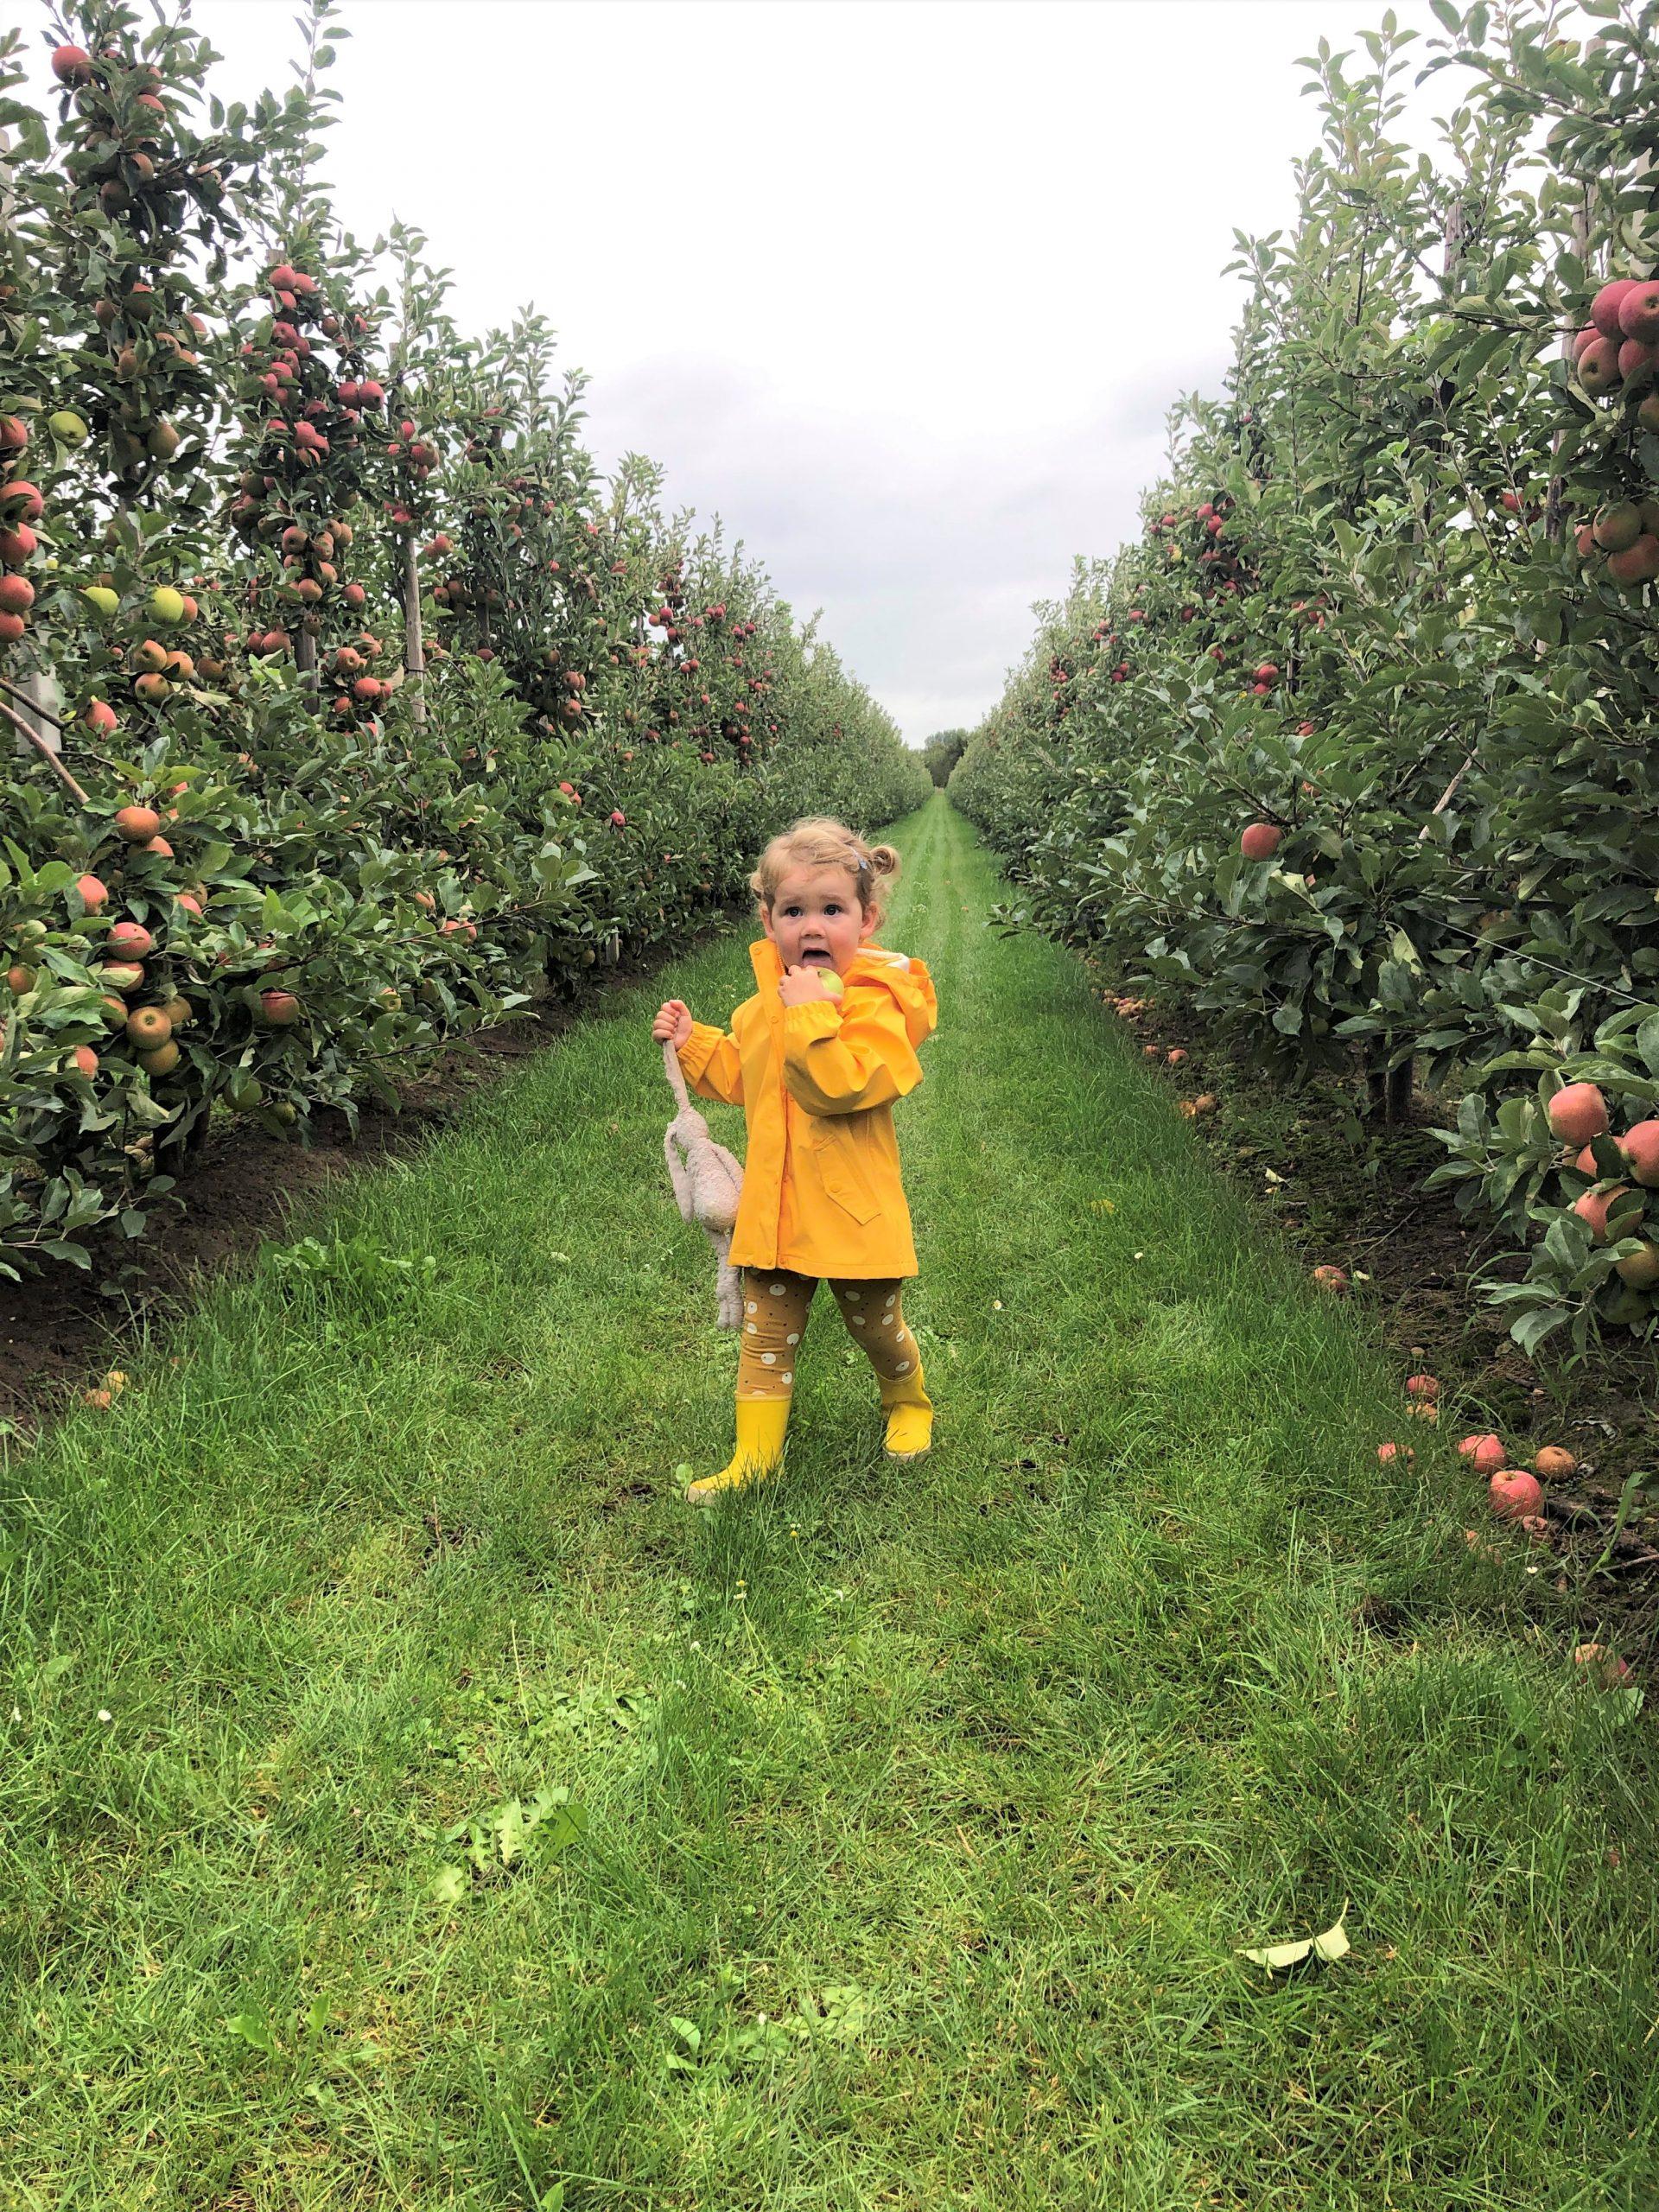 IMG 3920 3024x4032 1 scaled - PLOG - Met z'n viertjes naar de appelboomgaard en het Servero Food Lab!